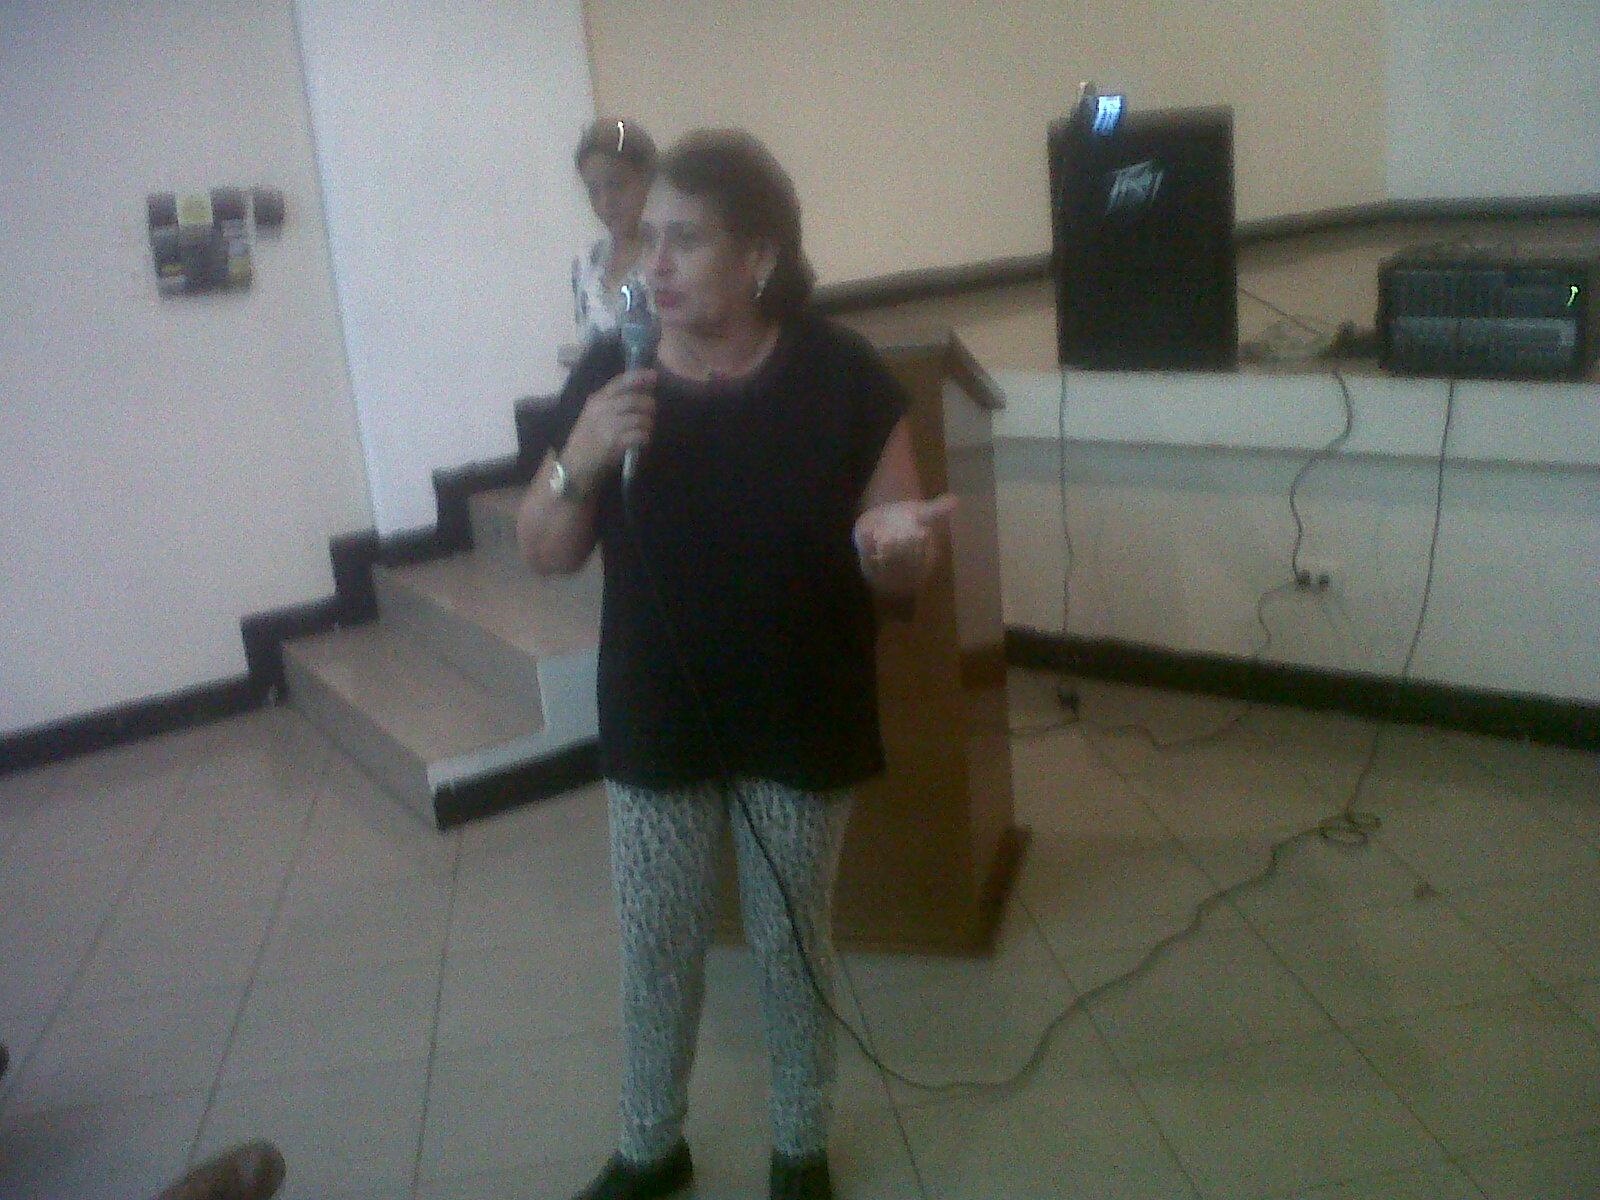 Cada ciudadano expuso la problemática actual y elevó propuestas que ayuden a minimizar los índices de inseguridad